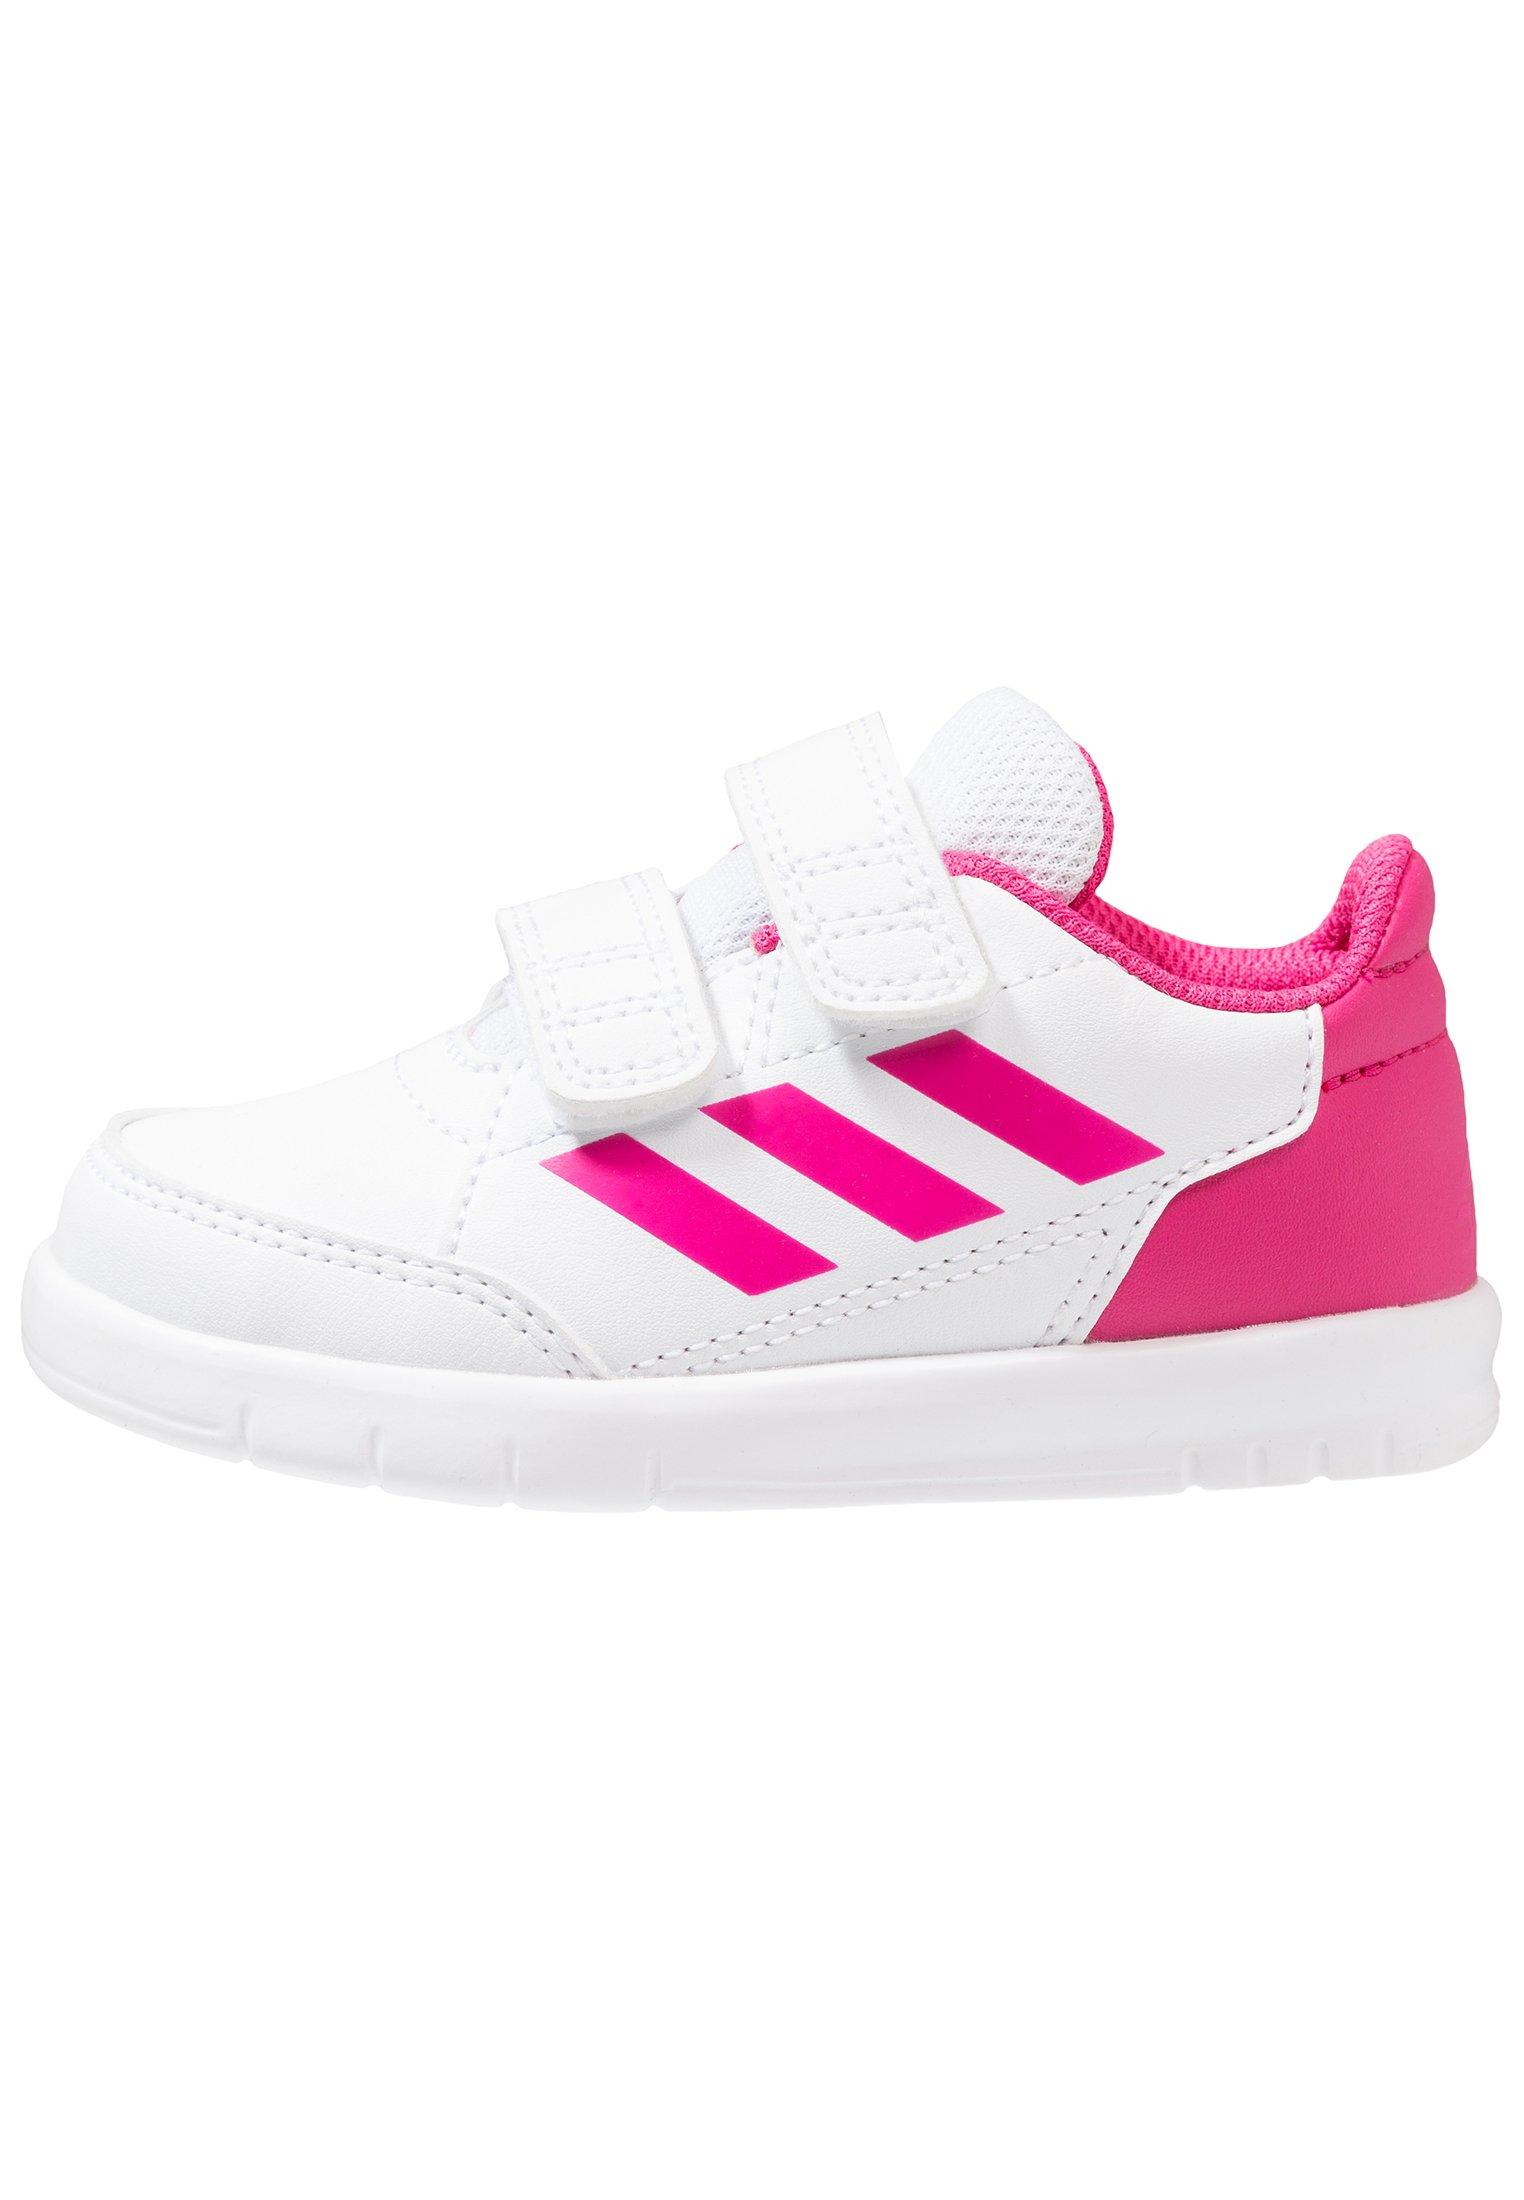 ALTASPORT CF Chaussures d'entraînement et de fitness footwear whitereal magenta